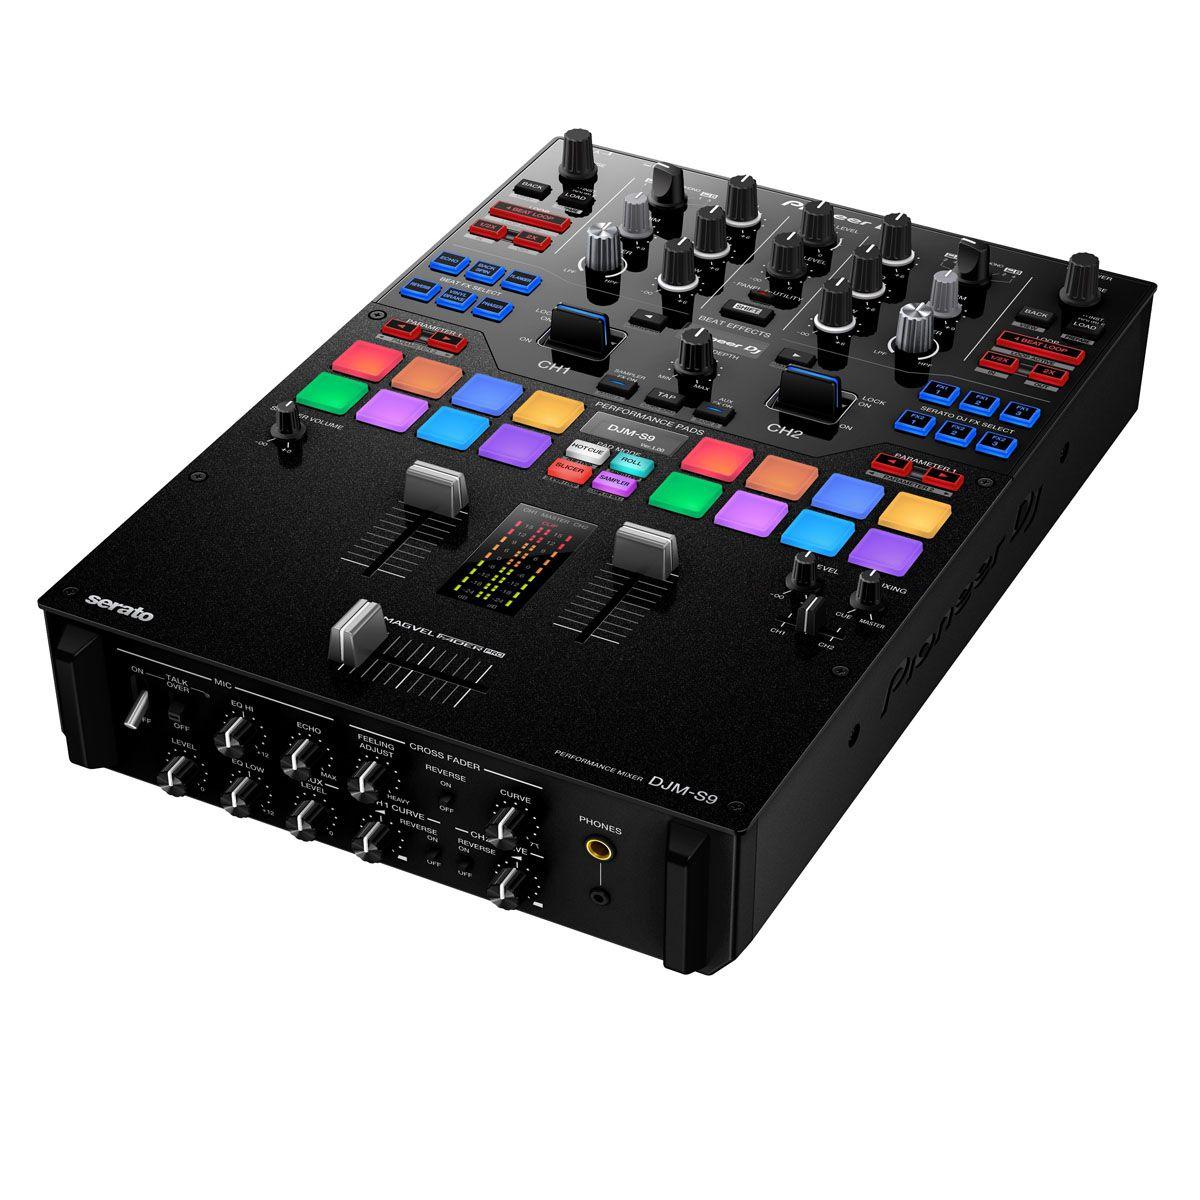 Mixer Pioneer DJ DJM S9